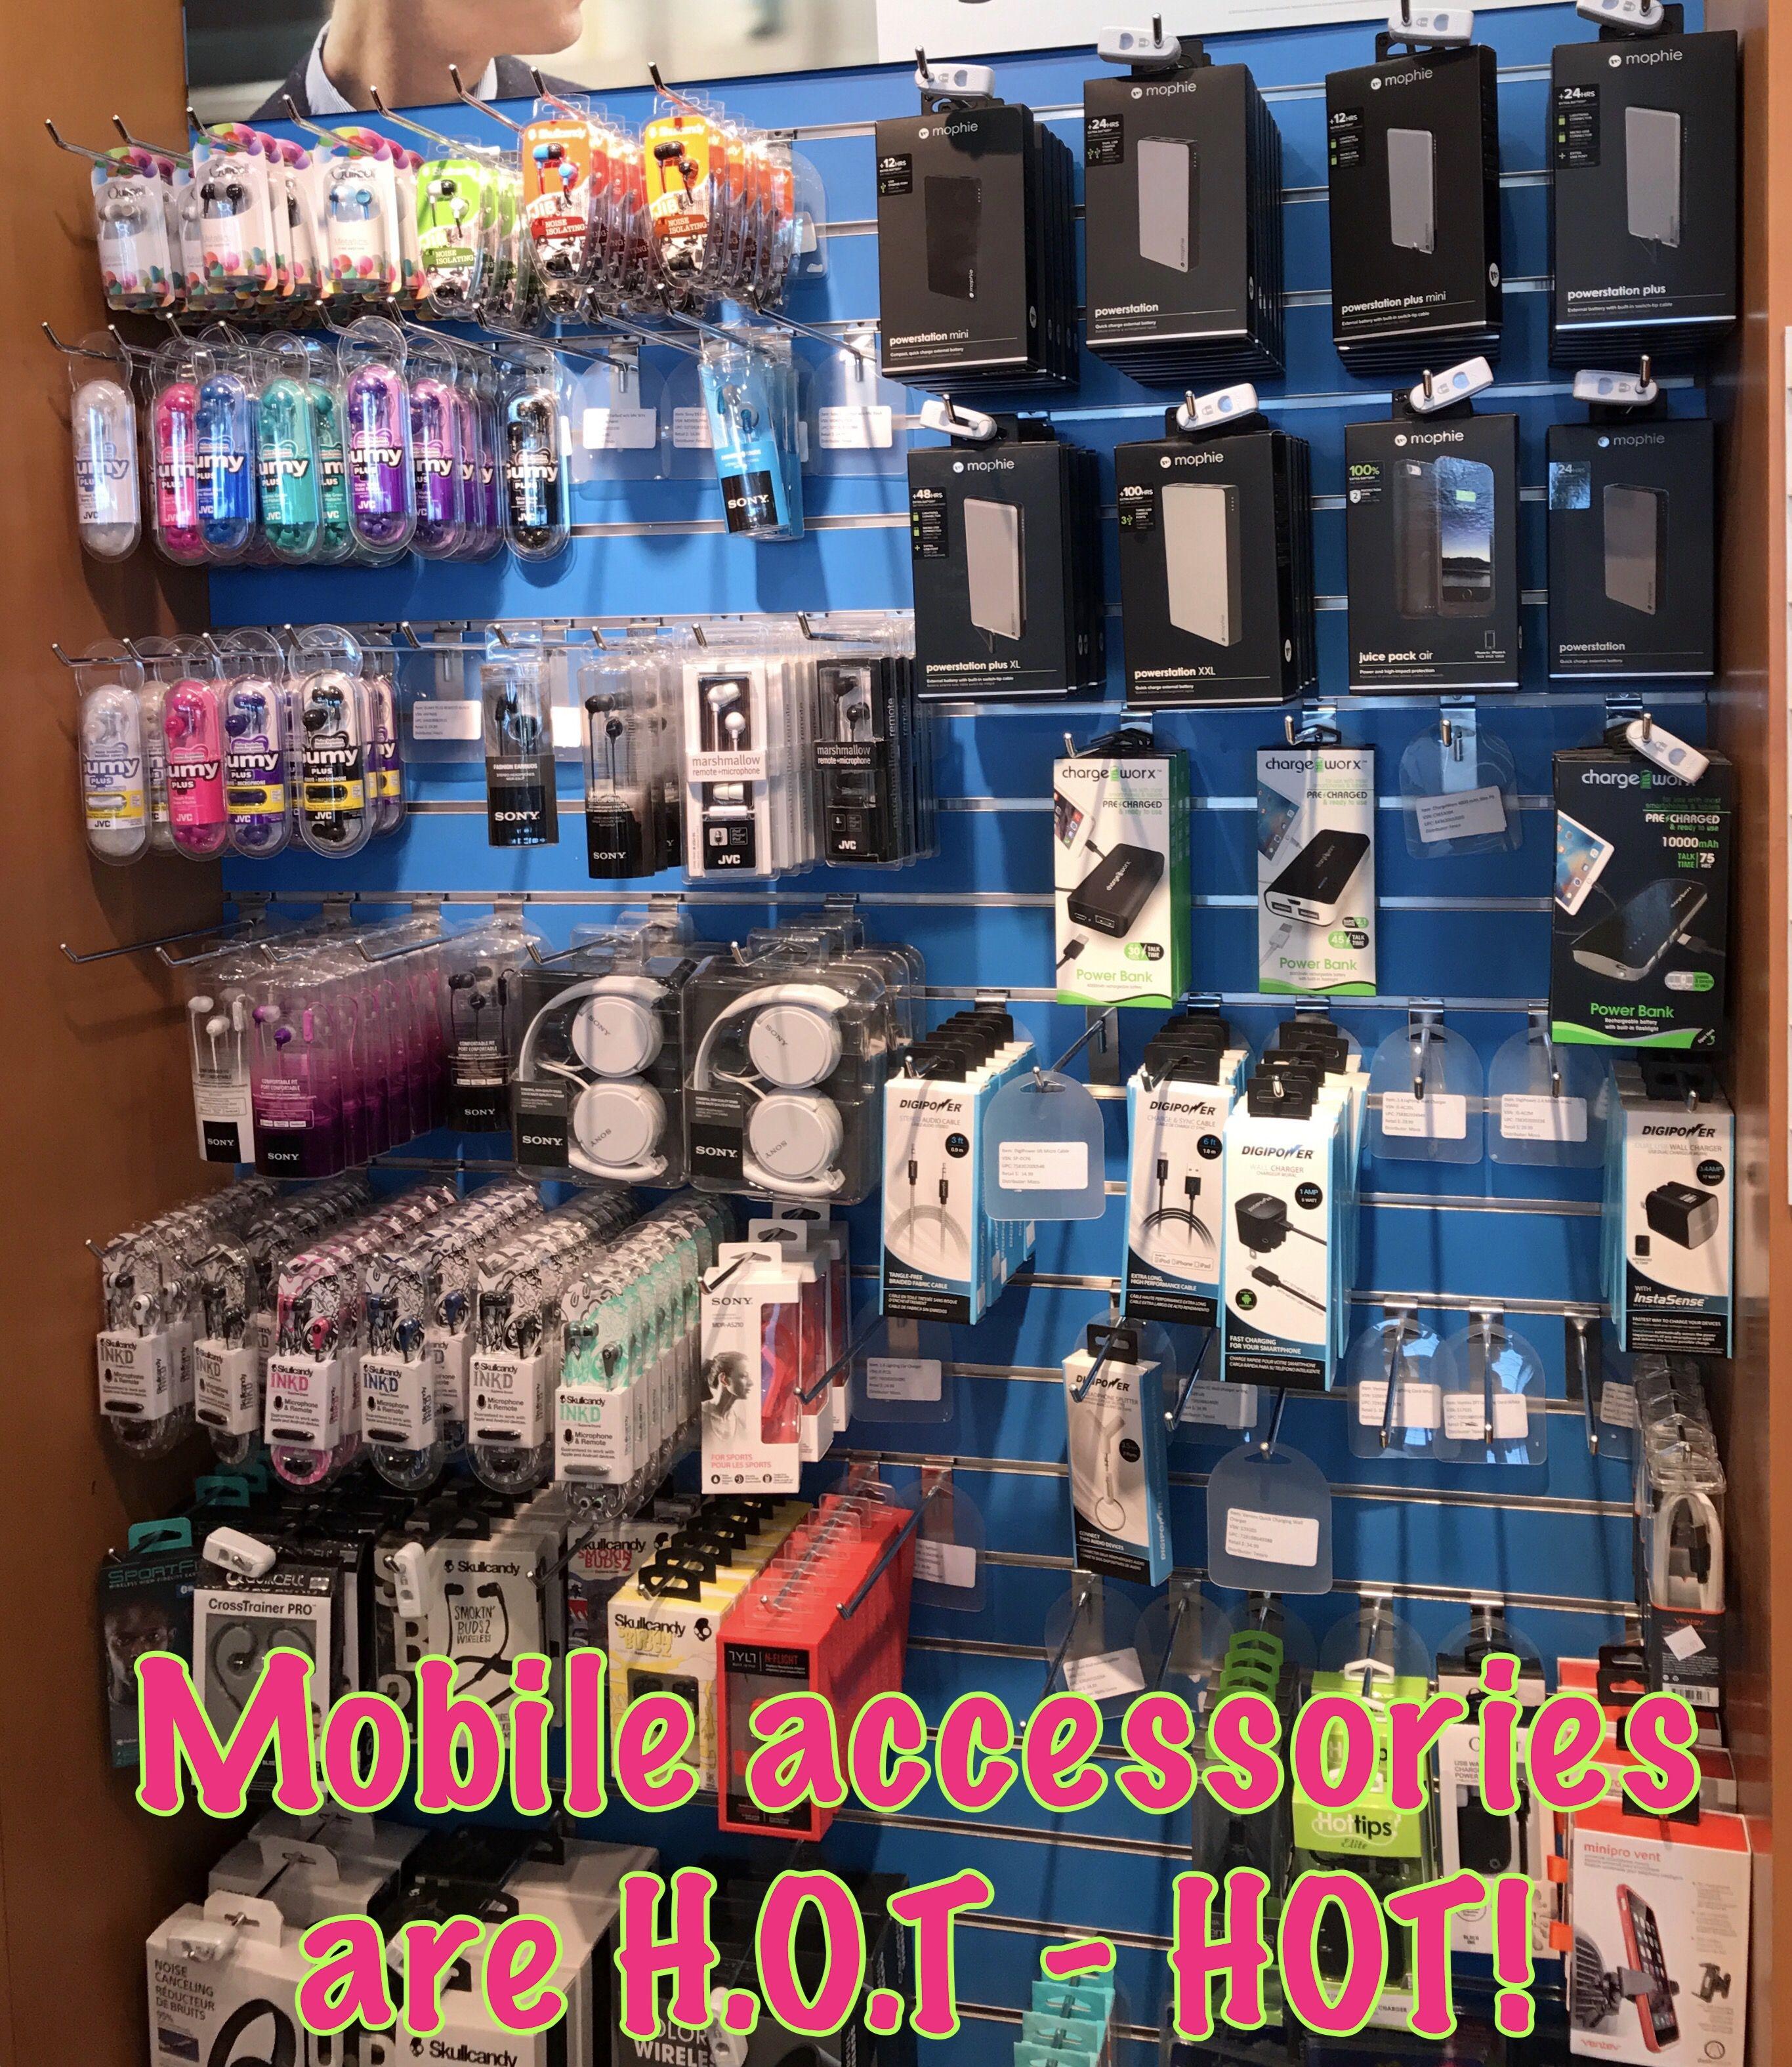 Mobile accessories!